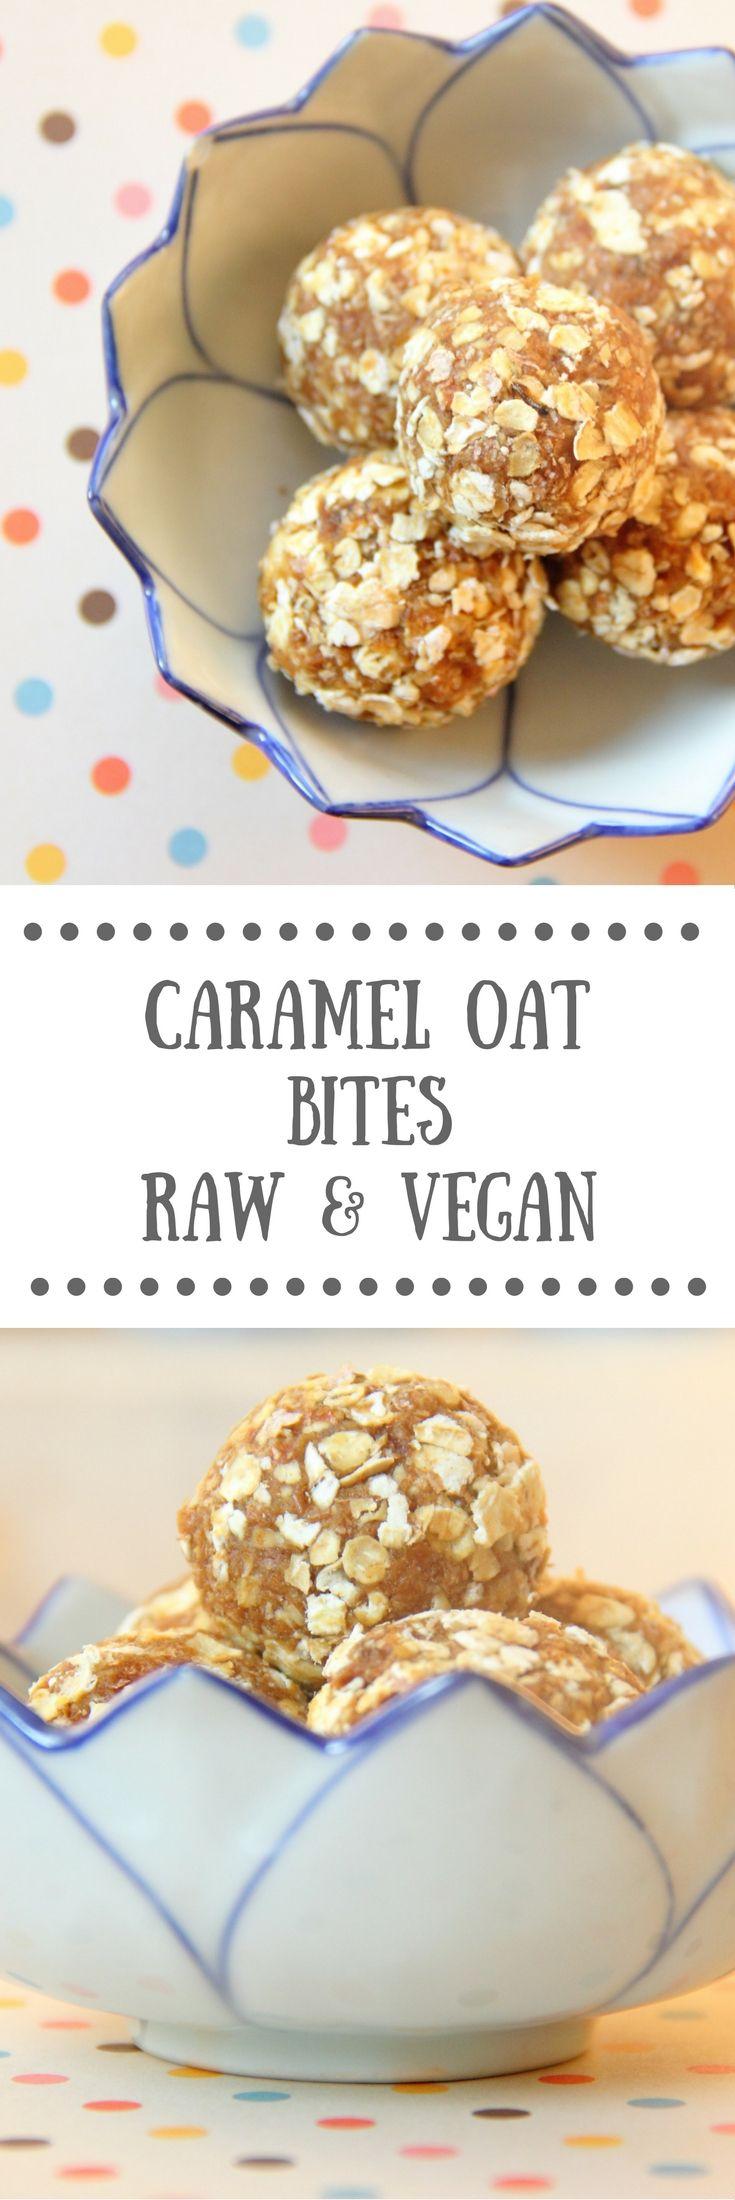 Caramel Oat Bites | Easy Vegan Bliss Balls Recipe